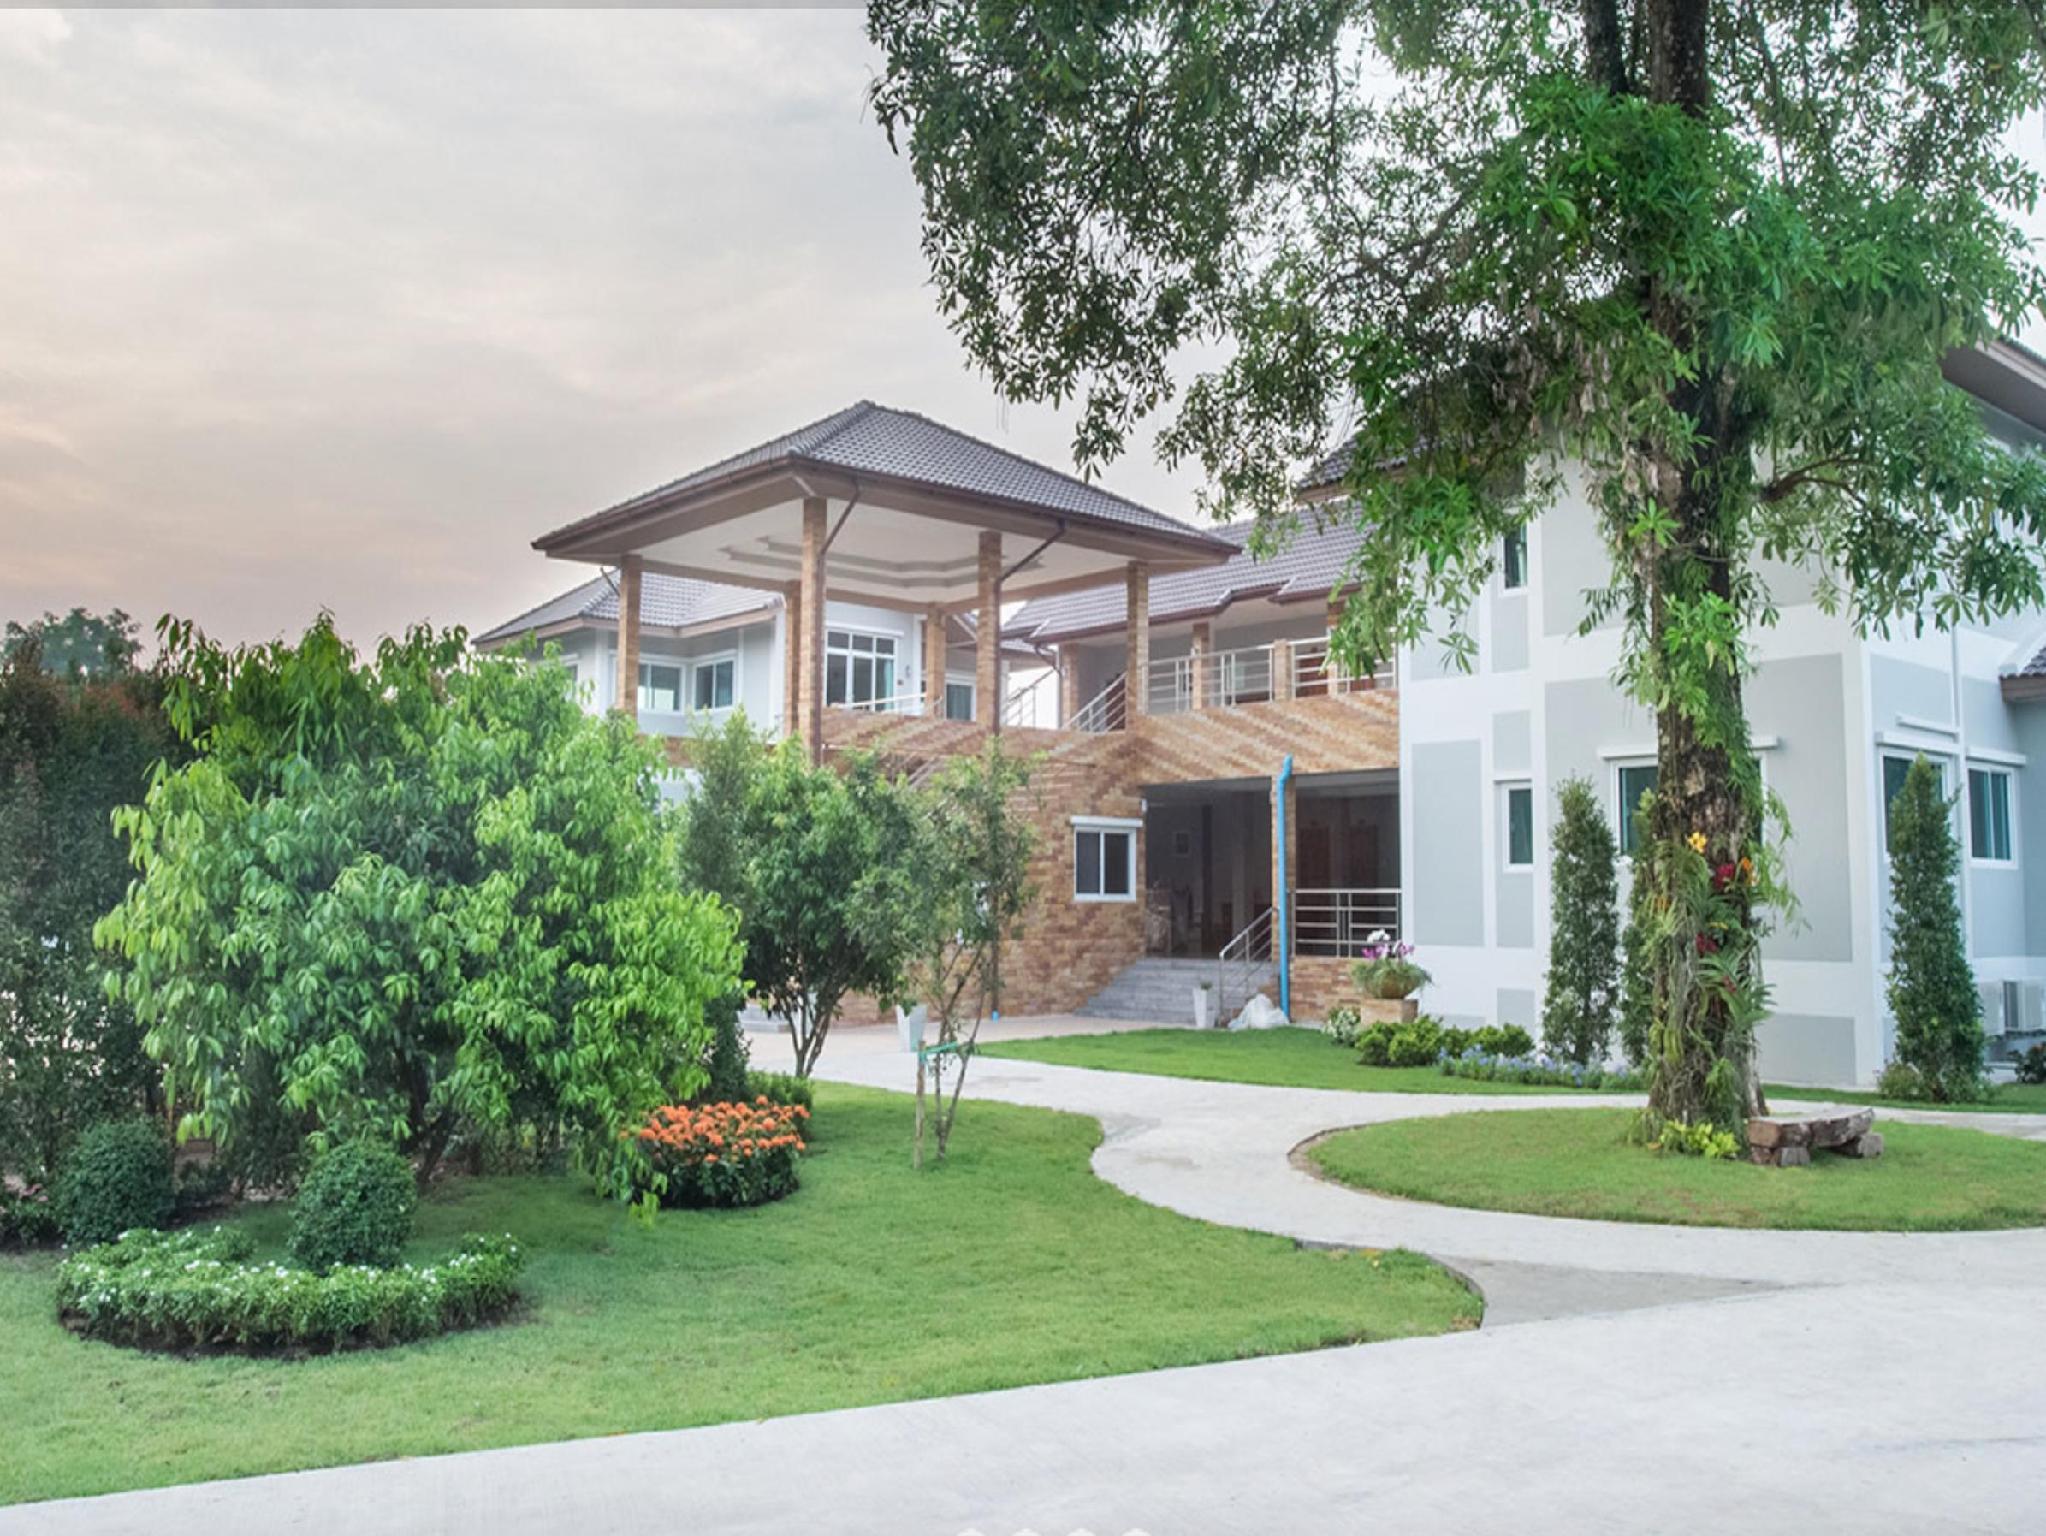 บ้านสวนคุณยาย